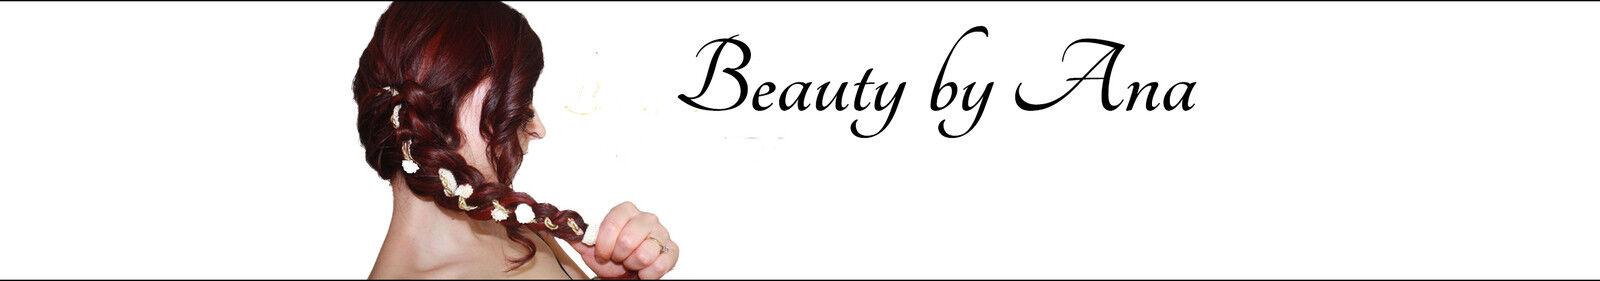 Beauty by Ana